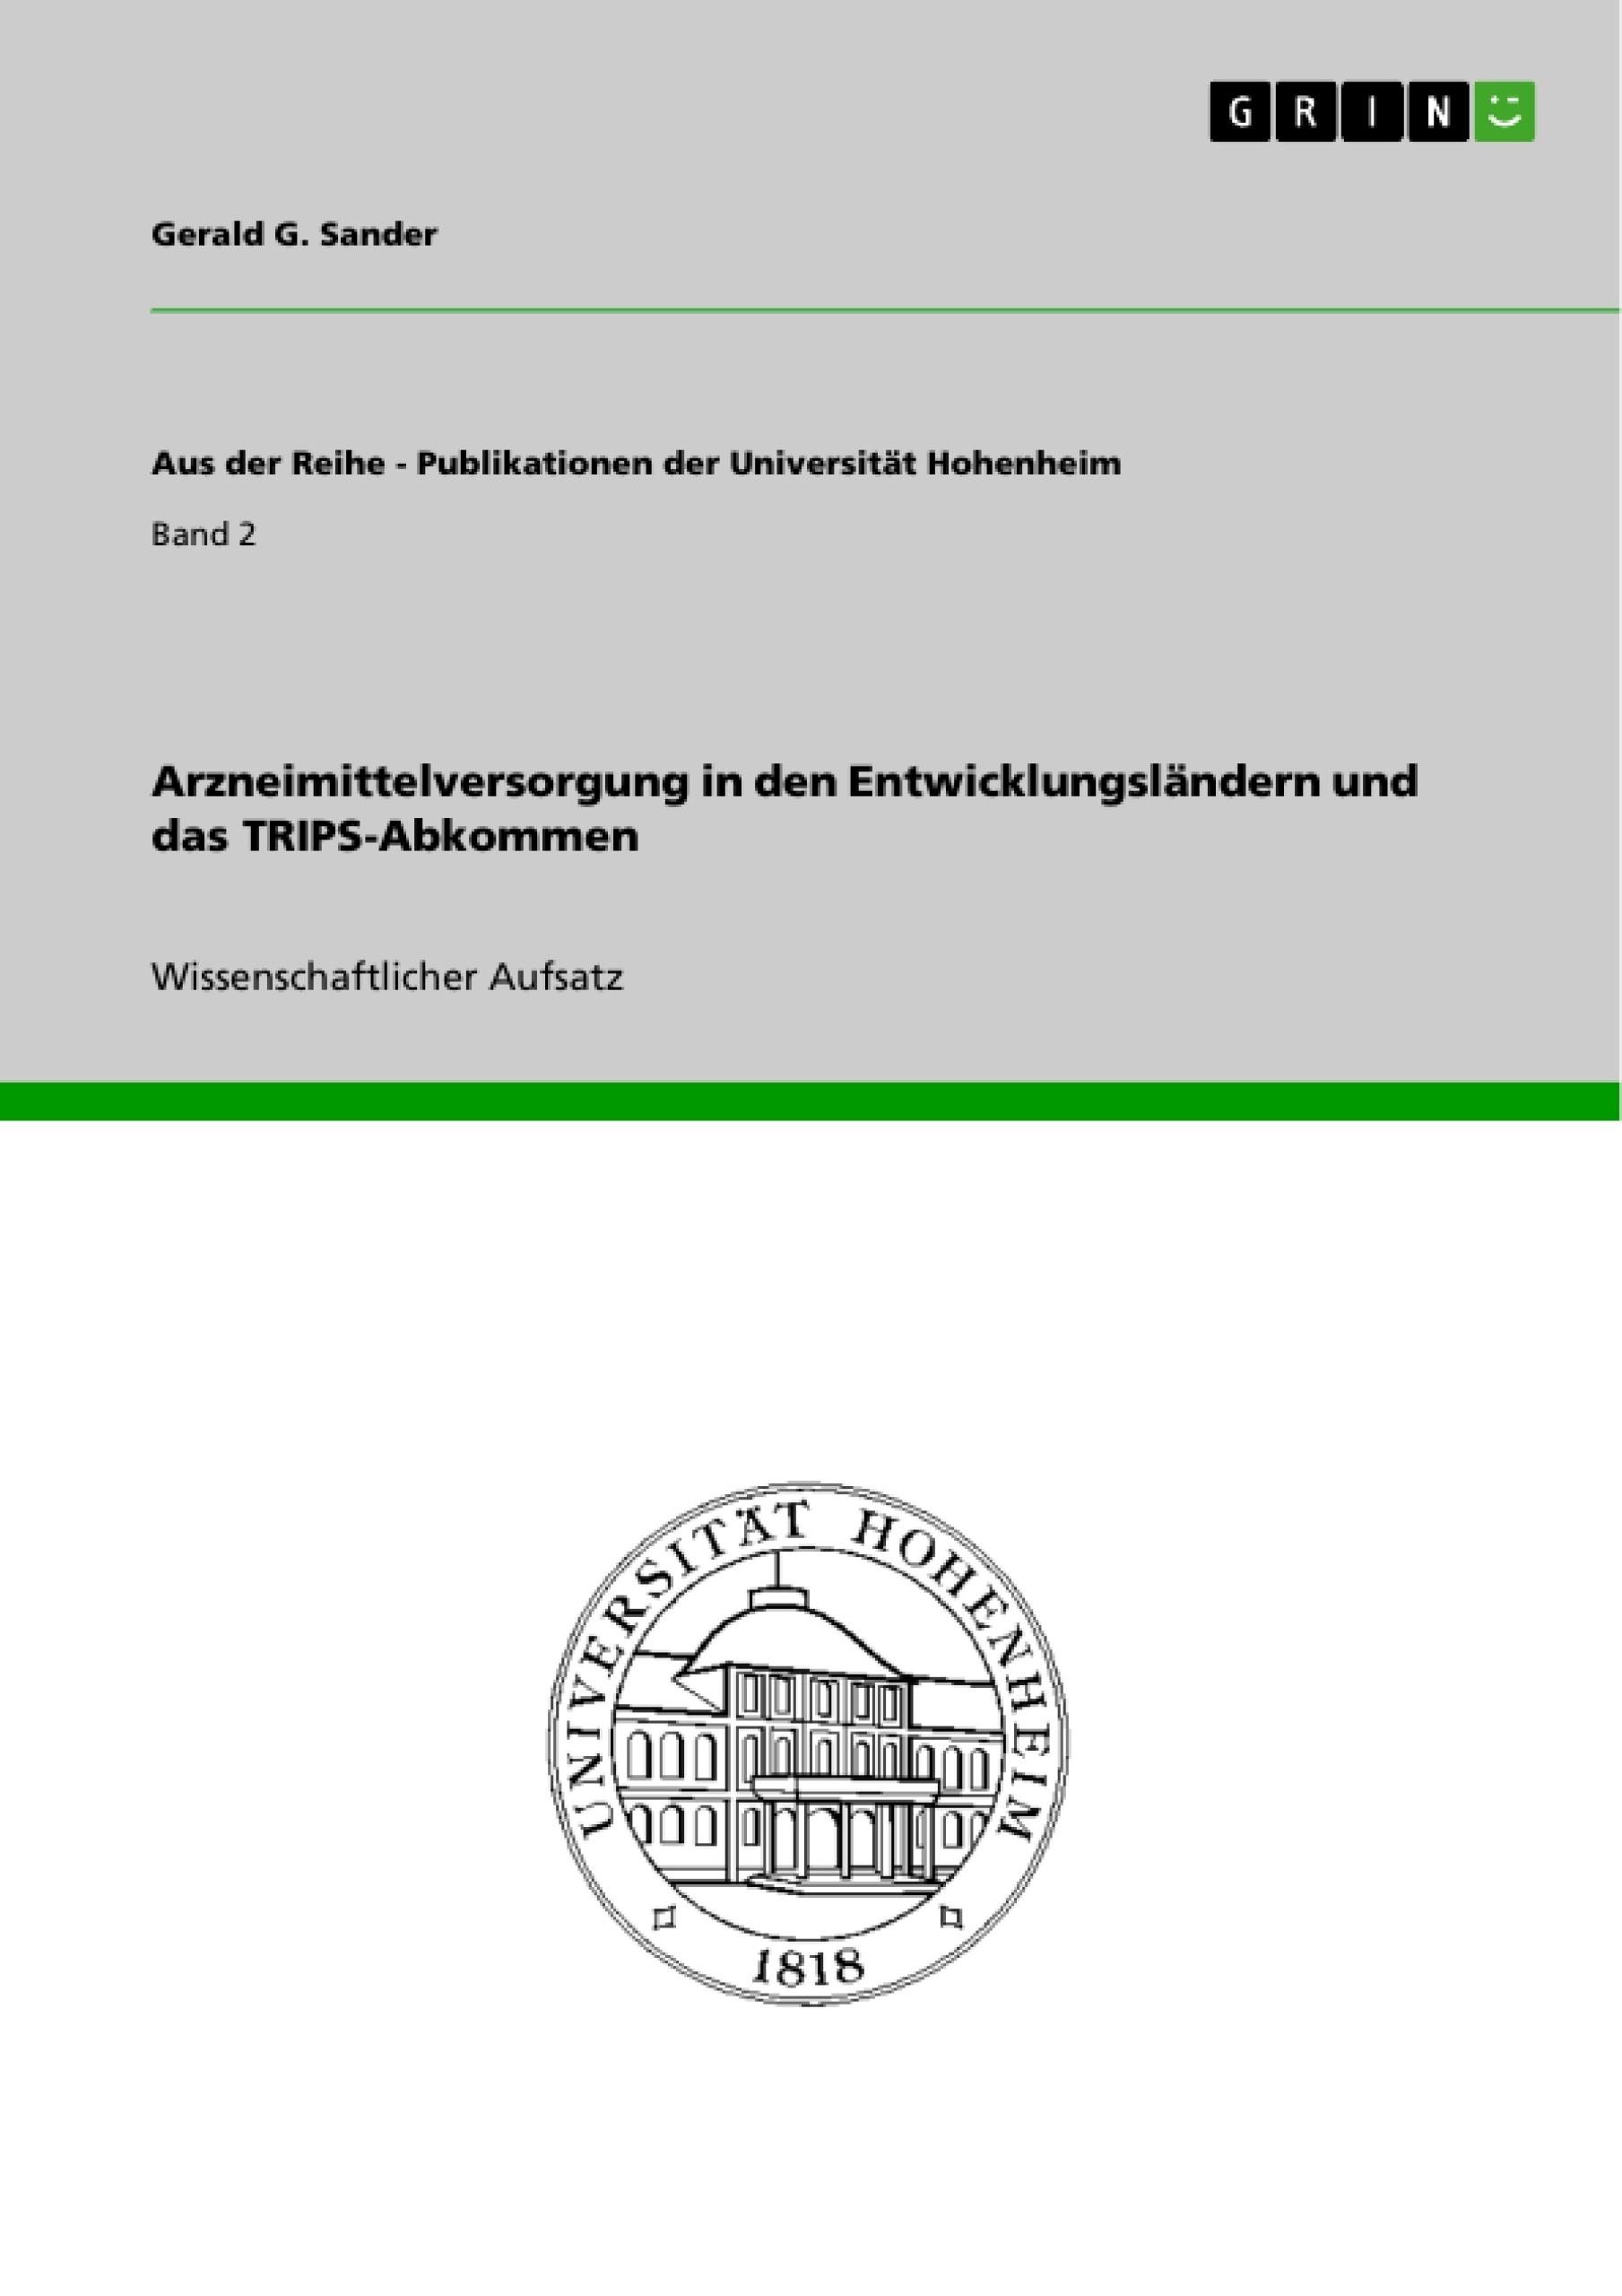 Titel: Arzneimittelversorgung in den Entwicklungsländern und das TRIPS-Abkommen